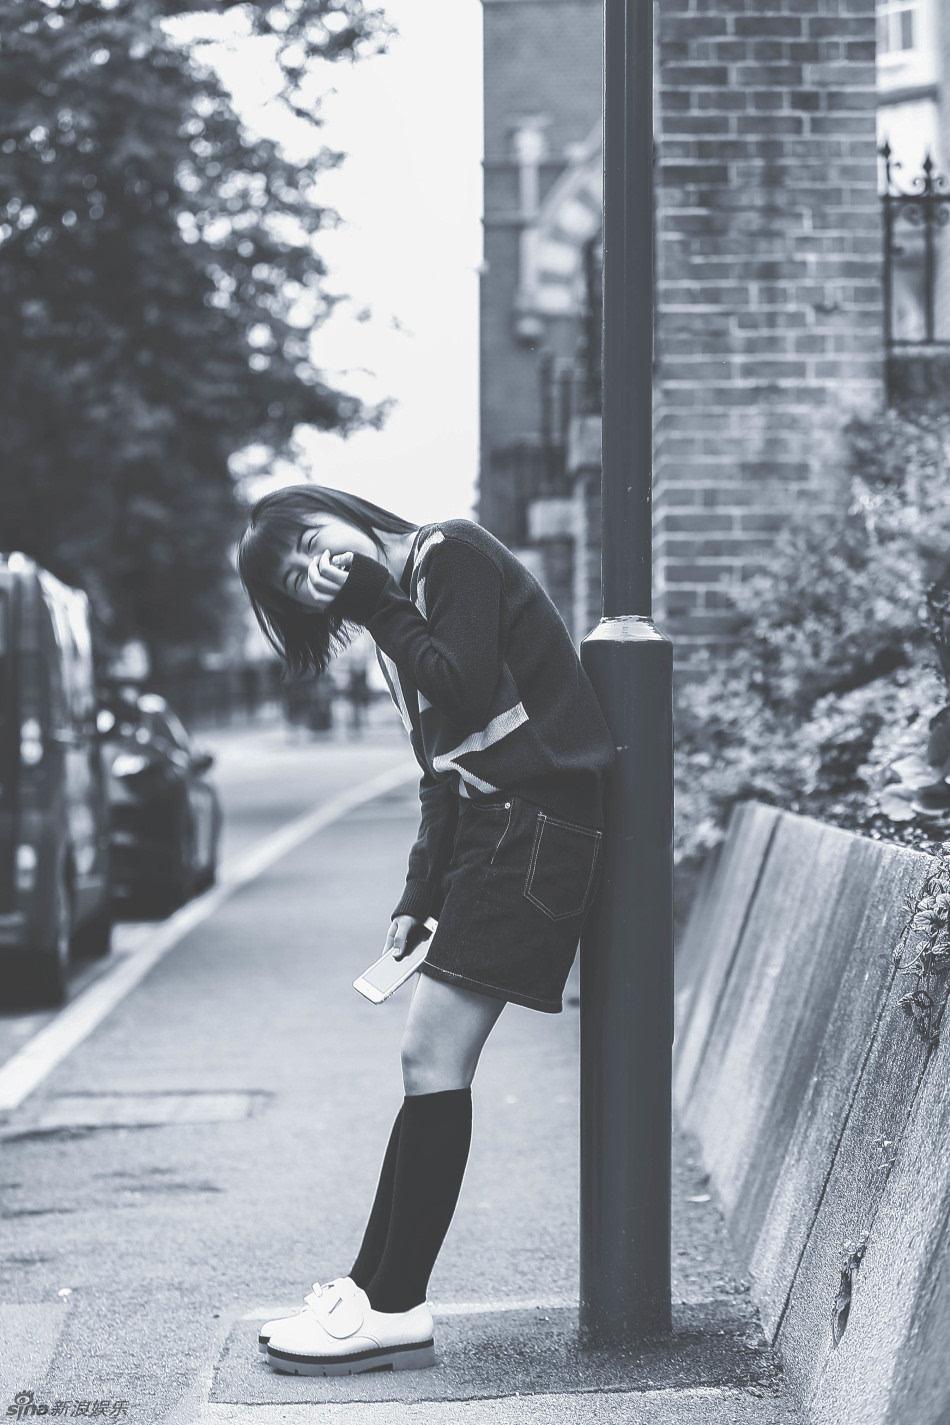 【摘要】 标准的齐耳短发让张子枫更显学生气,黑白色调让整套写真泛图片